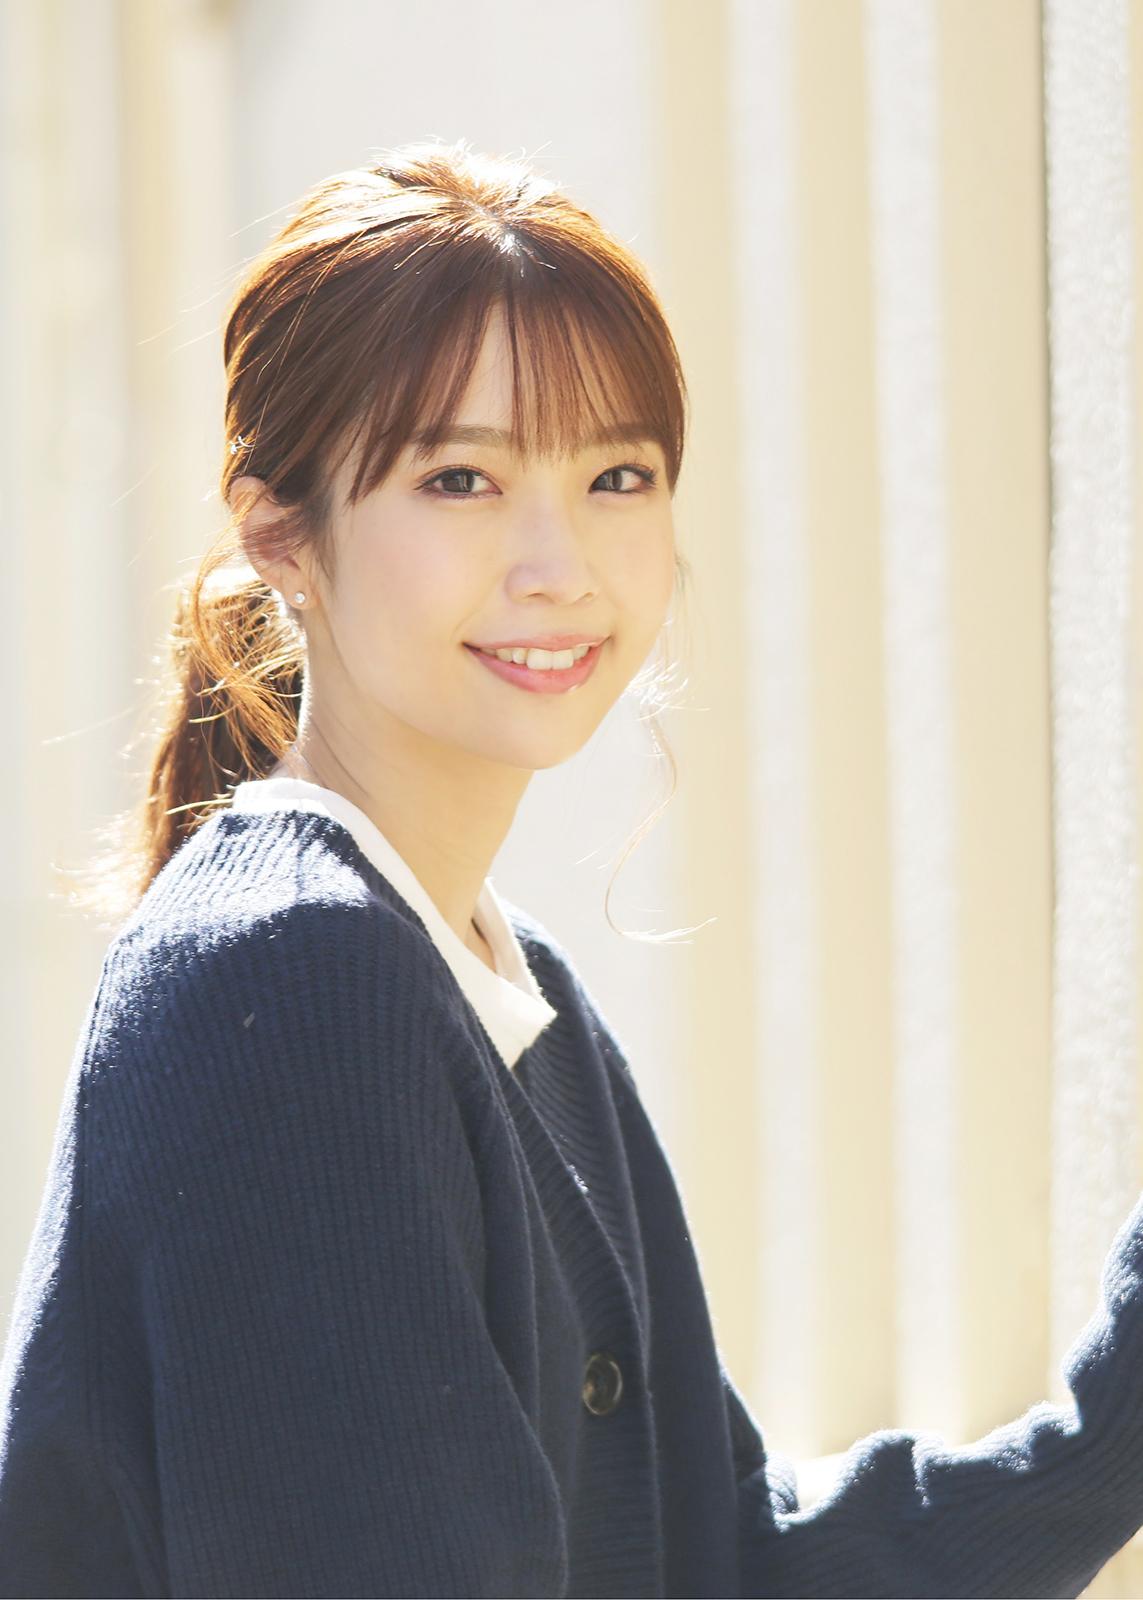 HANA ICHIKAWA